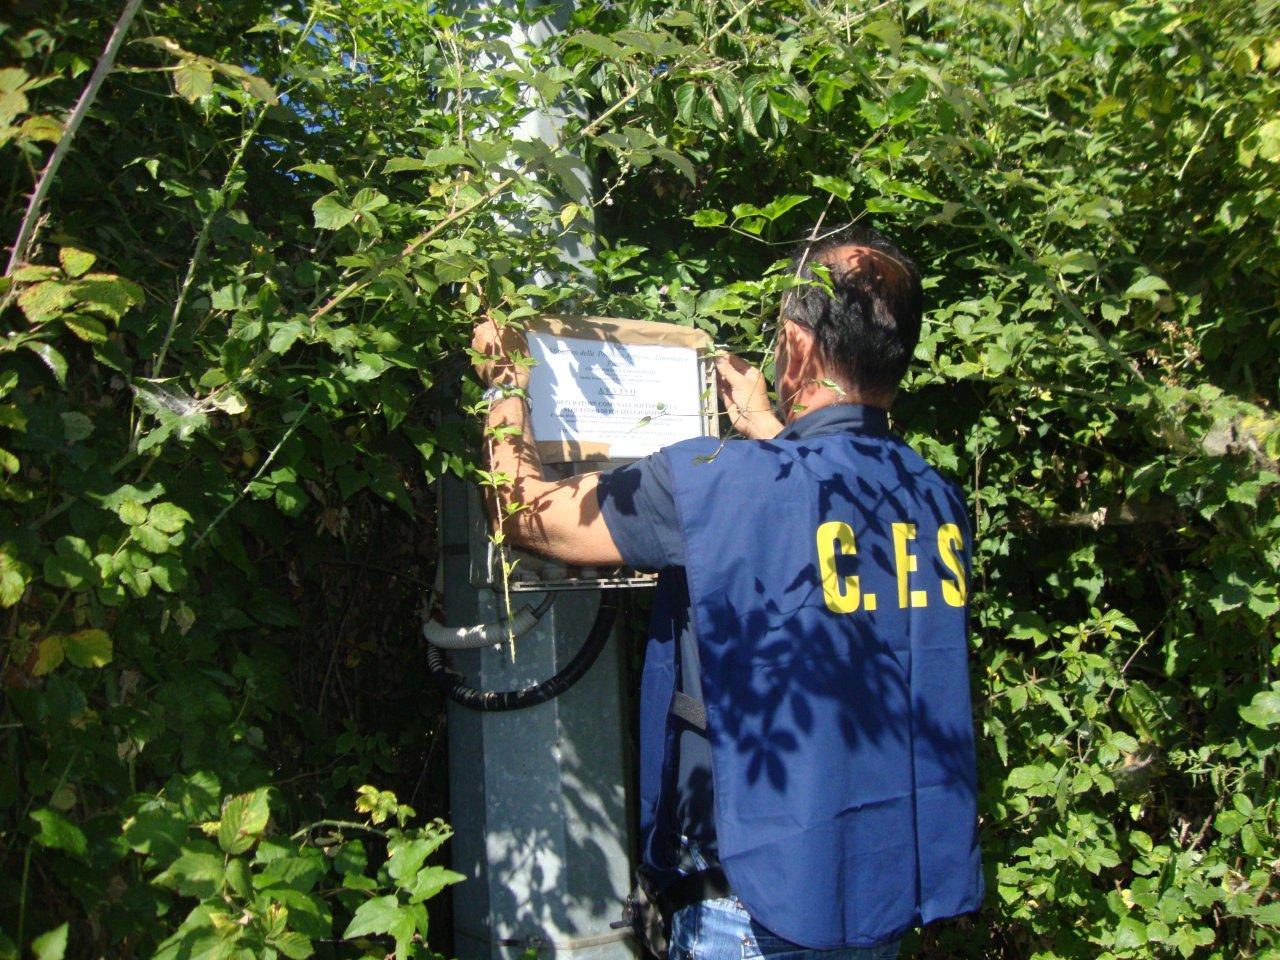 FOTO - Liquami dei depuratori cosparsi sul terrenoQuattro impianti sequestrati nel Cosentino